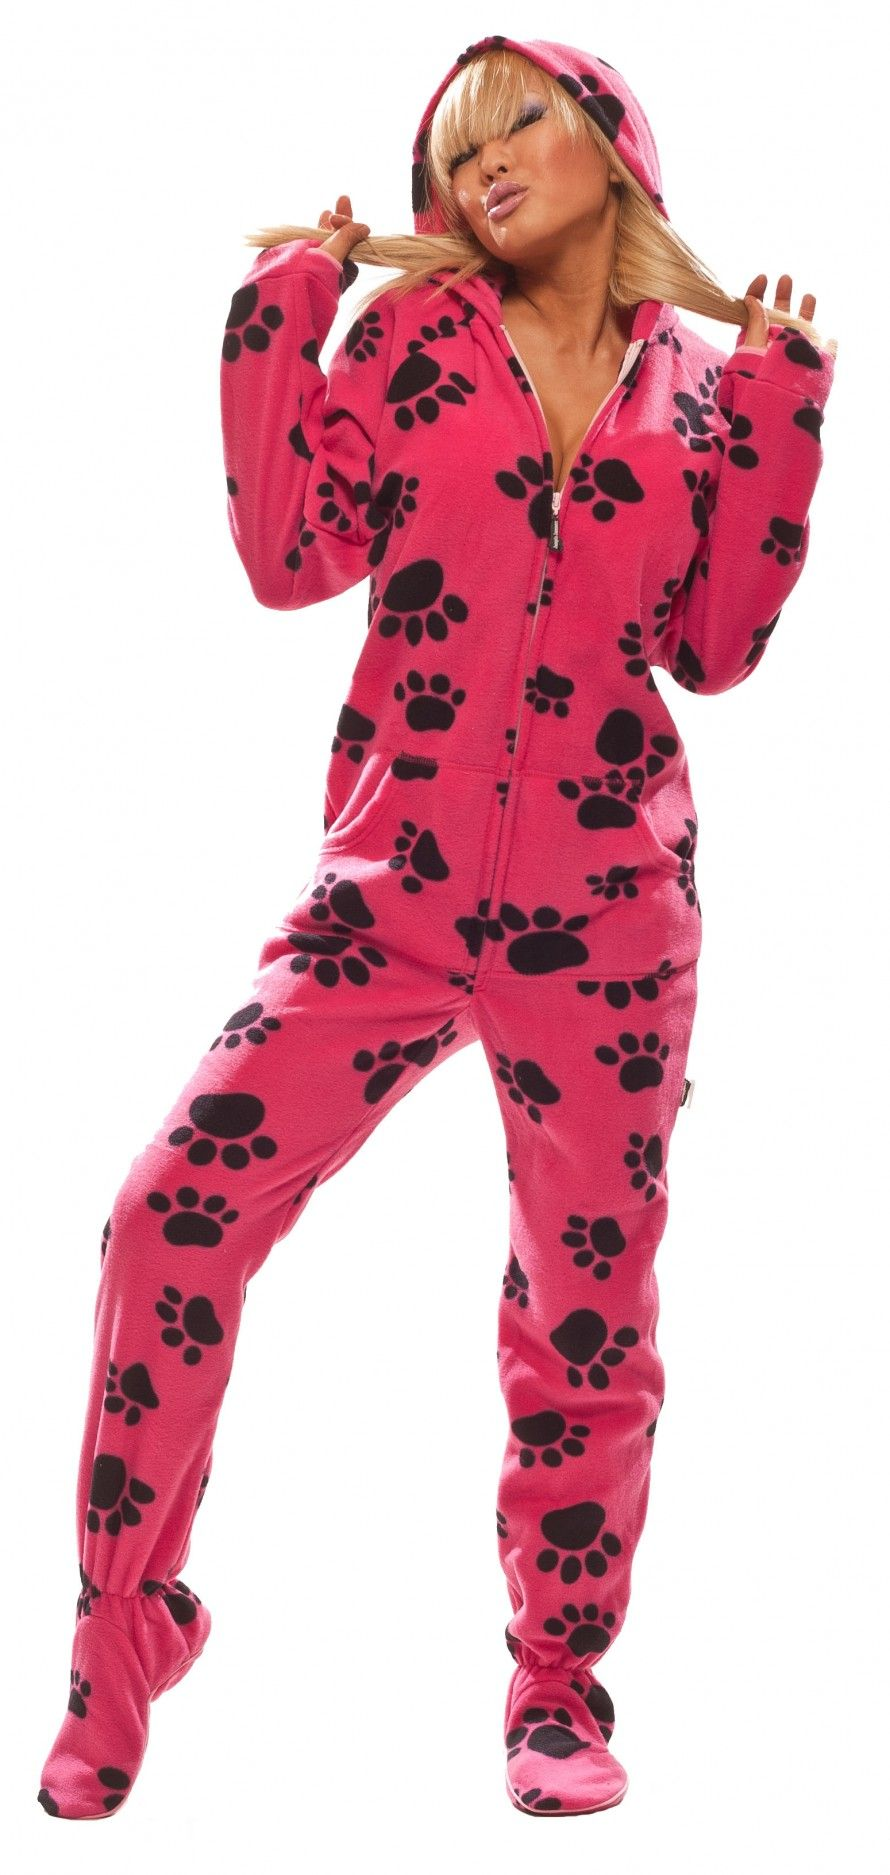 Hot Paws - Hooded Footed Pajamas - Pajamas Footie PJs Onesies One Piece Adult Pajamas - JumpinJammerz.com